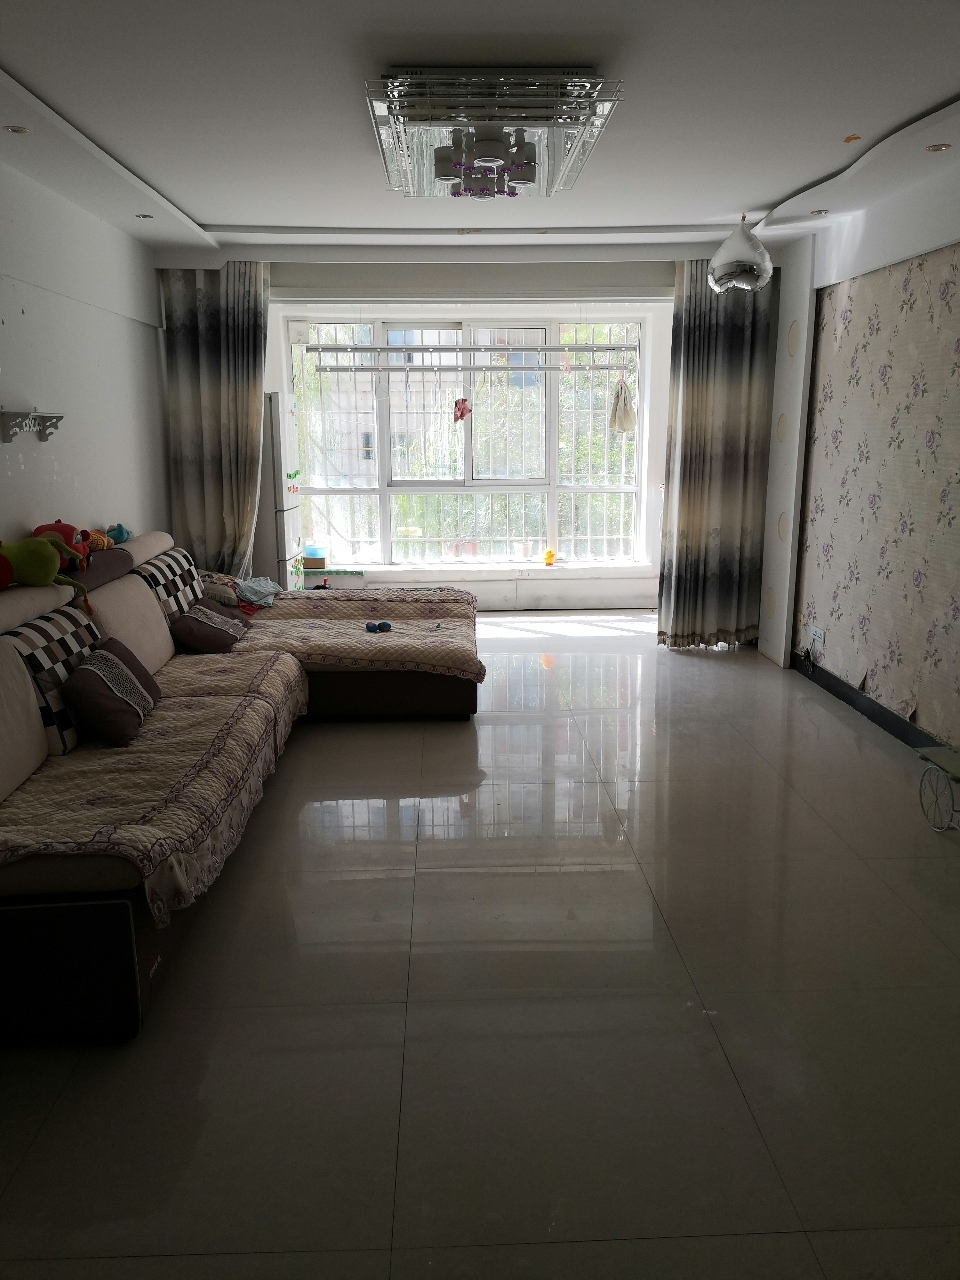 翰海明珠98平米精装修的2楼54.8万出售